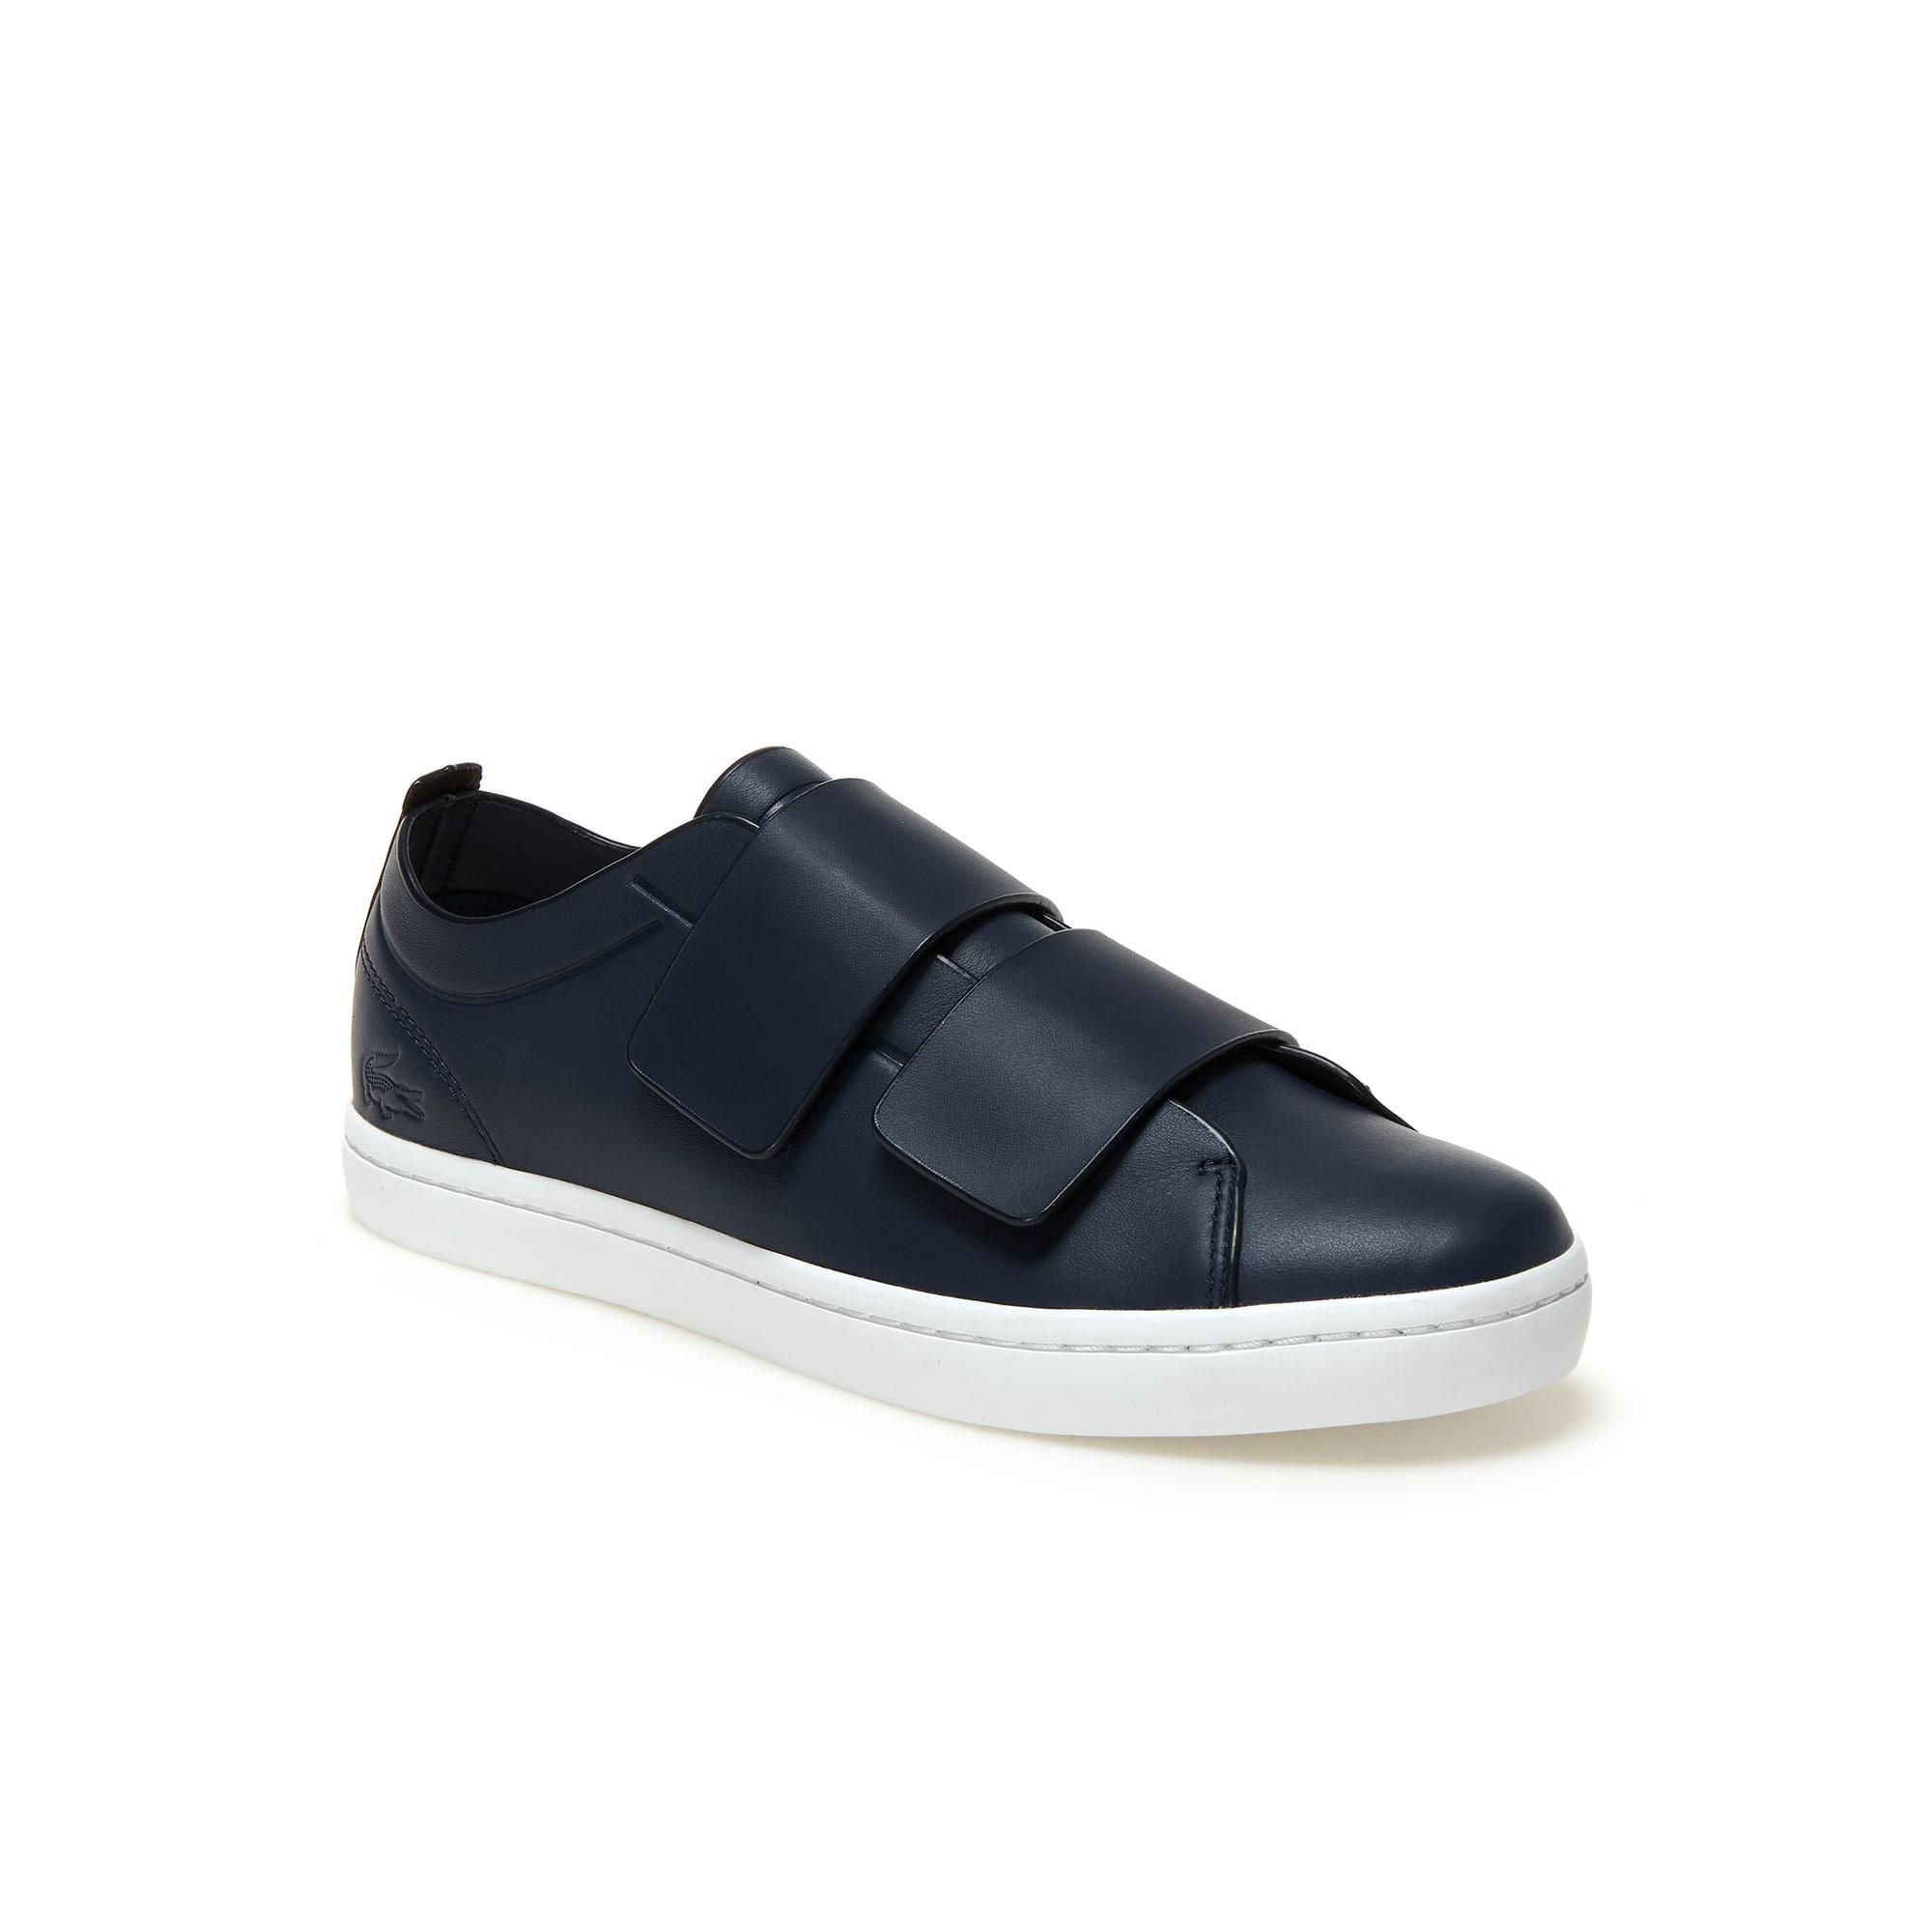 Damen-Sneakers STRAIGHTSET aus Leder und Gummi